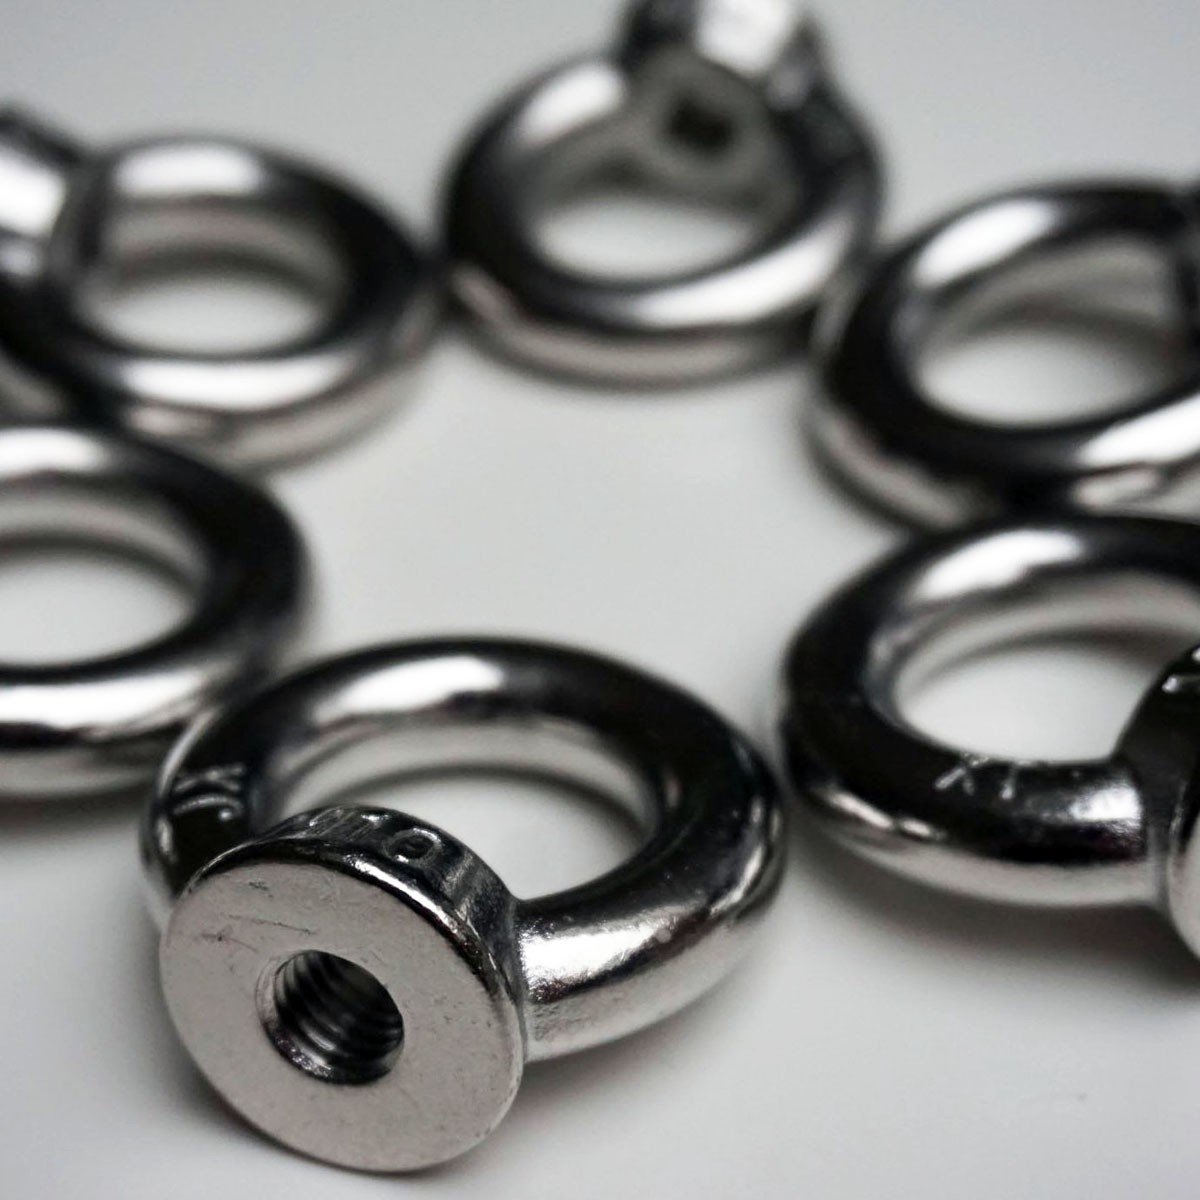 ringmutter din 582 a2 edelstahl v2a ring se mutter m6 m8 m10 m12. Black Bedroom Furniture Sets. Home Design Ideas